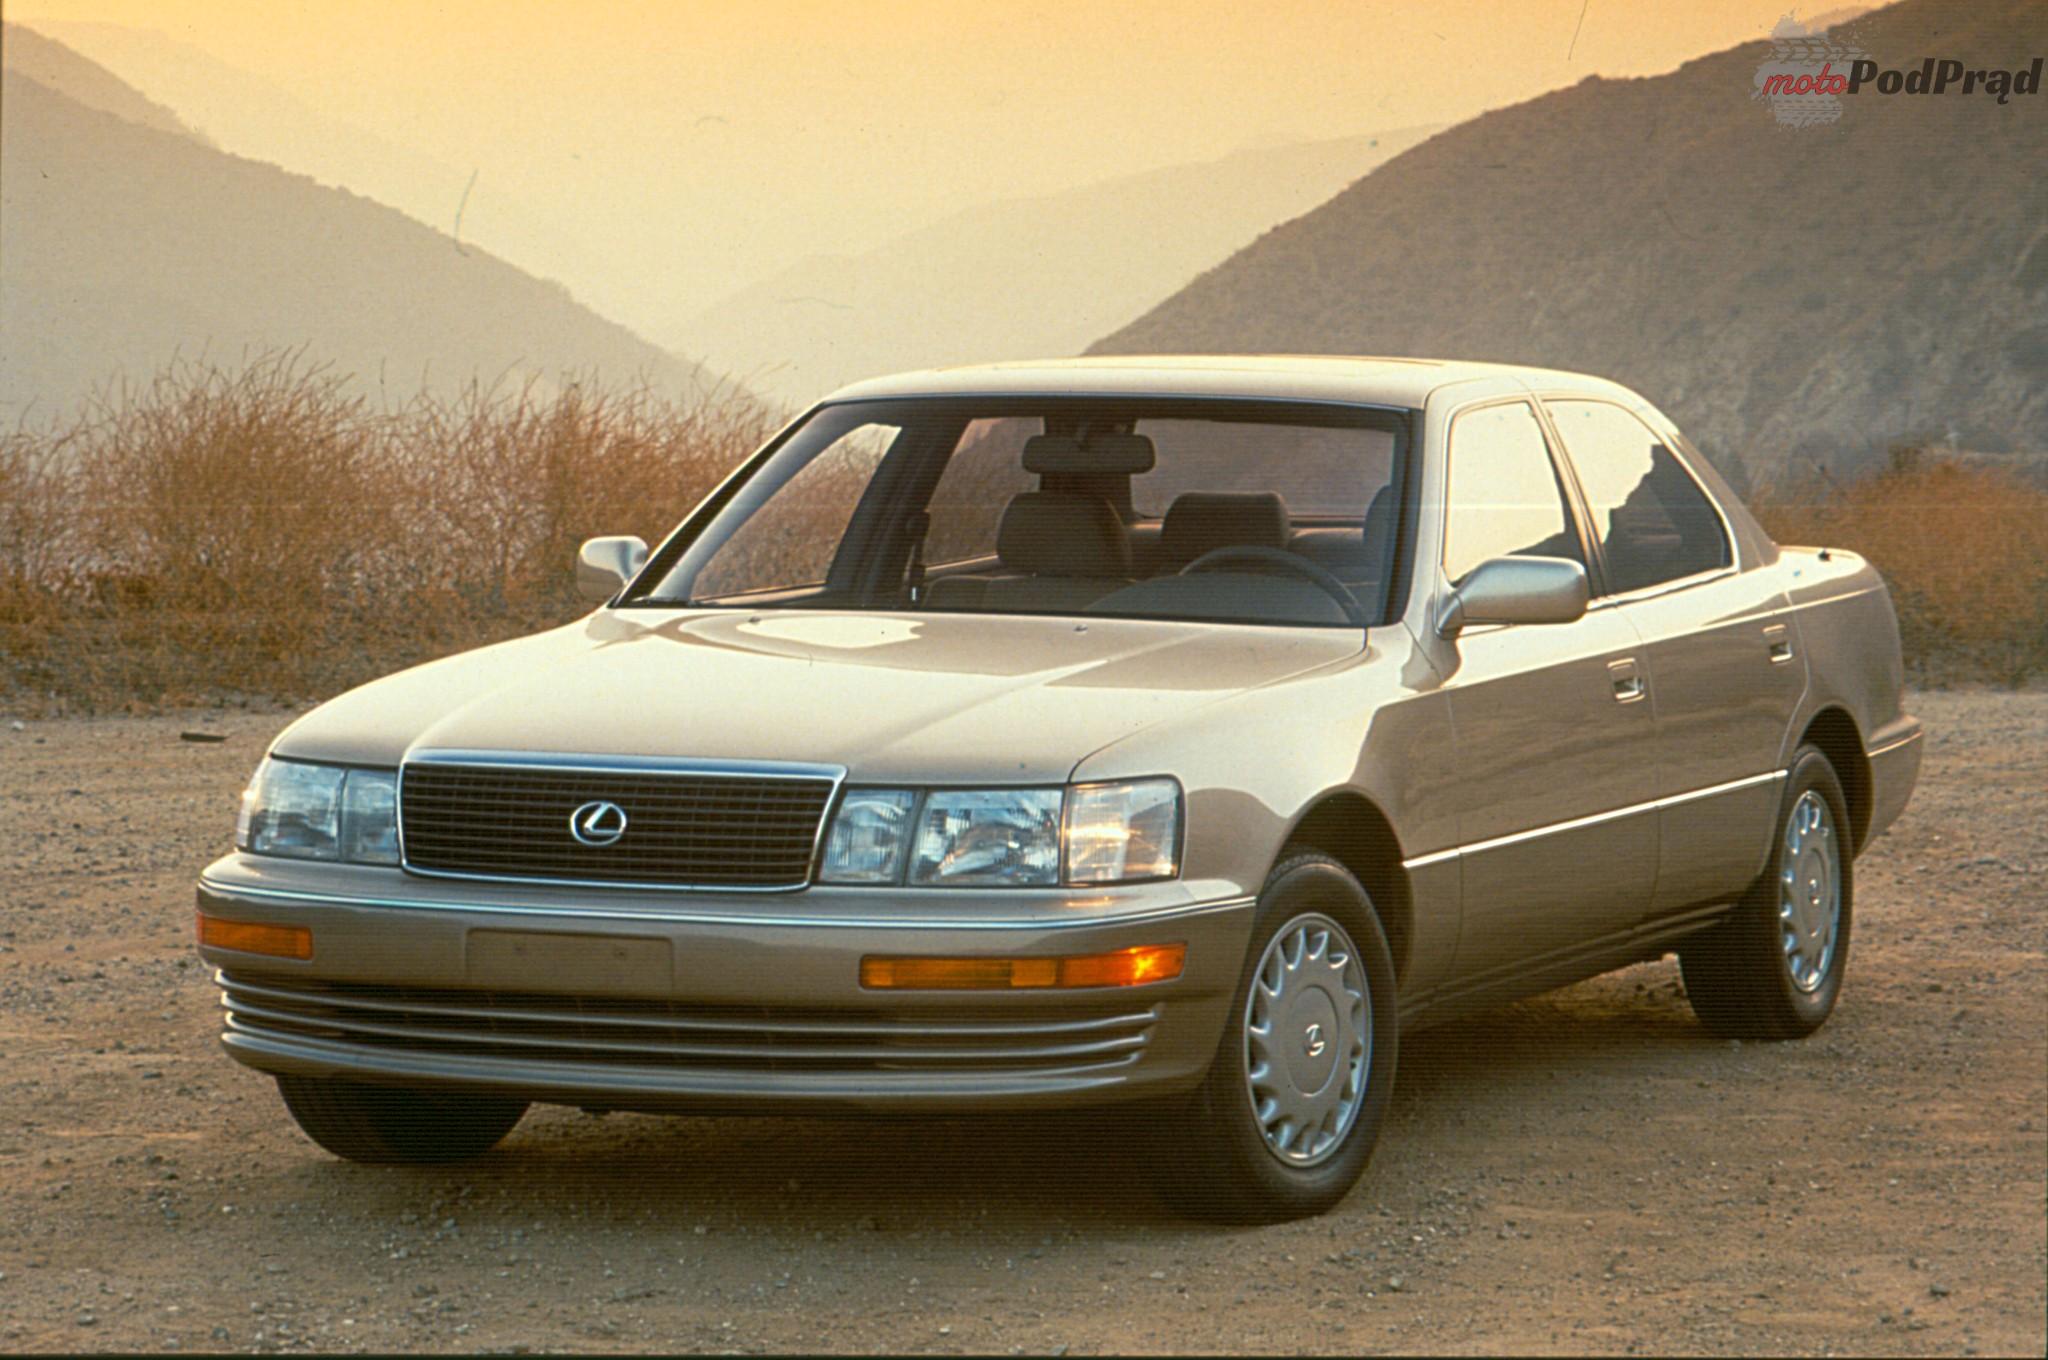 1990 Lexus LS 400 front three quarter Przełomowe samochody lat 80.